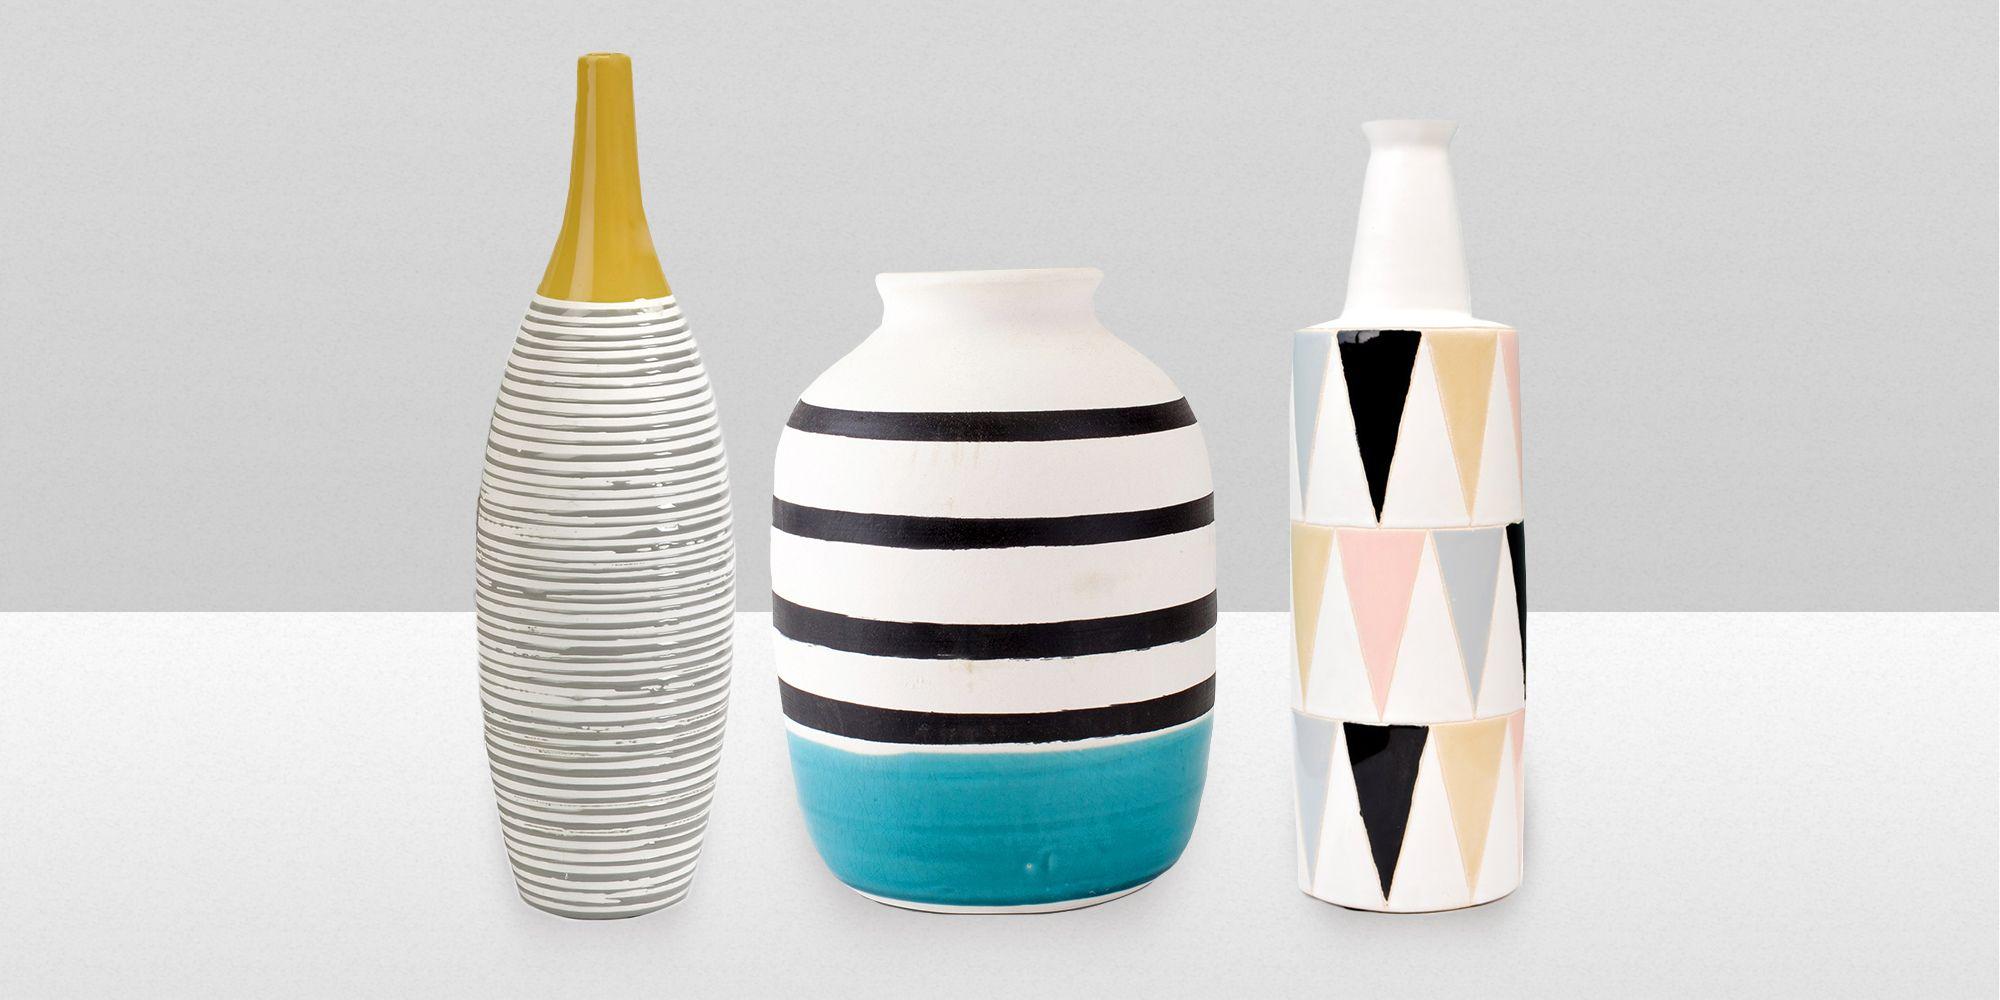 13 best ceramic vases in 2018 decorative ceramic flower vases 13 best ceramic vases in 2018 decorative ceramic flower vases and sets reviewsmspy